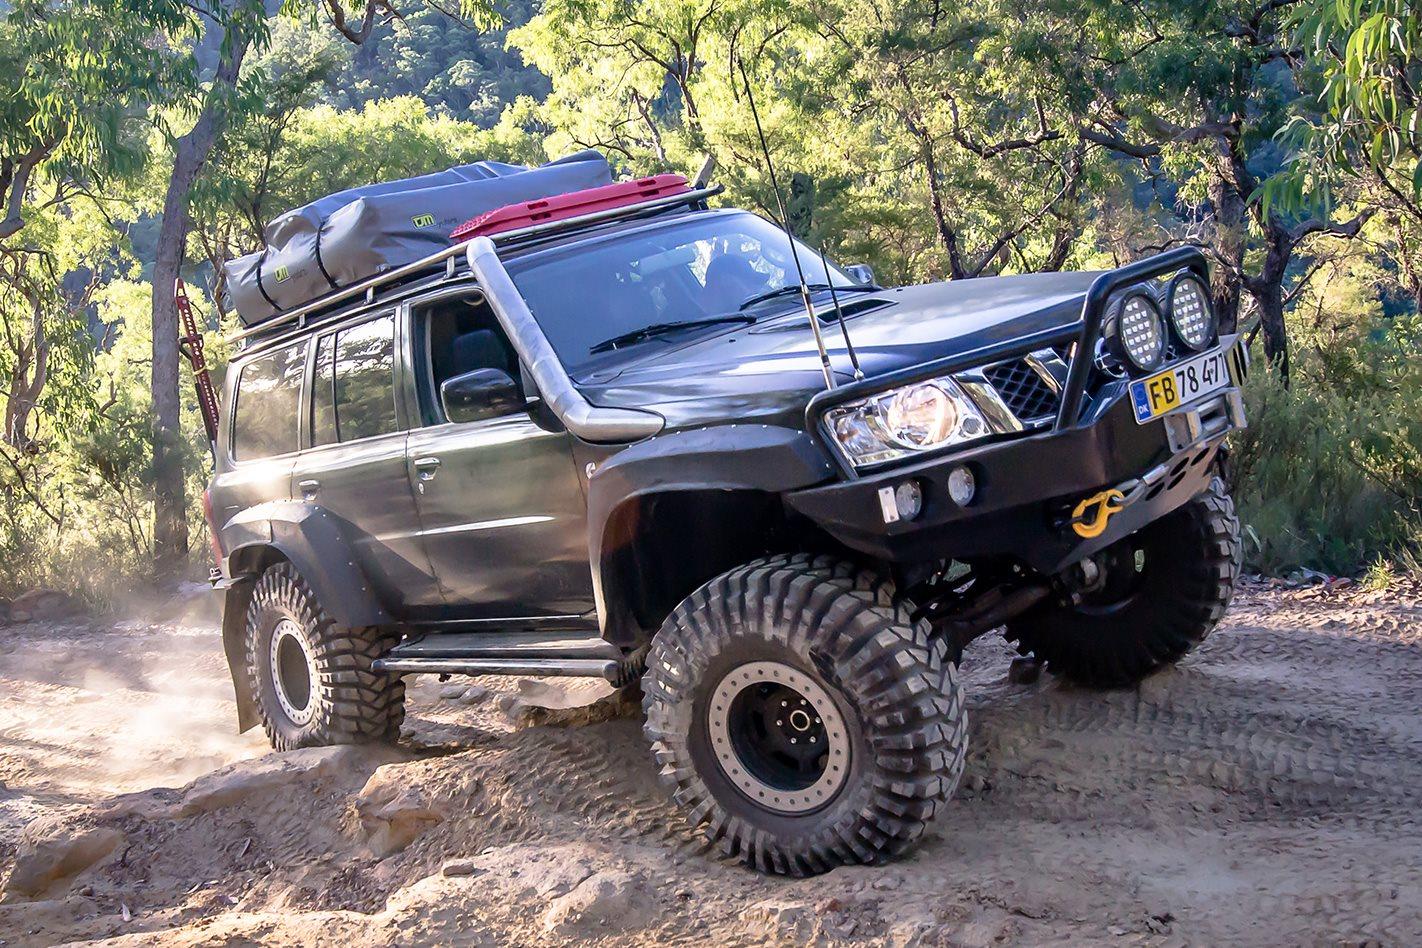 Motor 5 4 Ford Triton >> Custom 4x4: Nissan Patrol GU